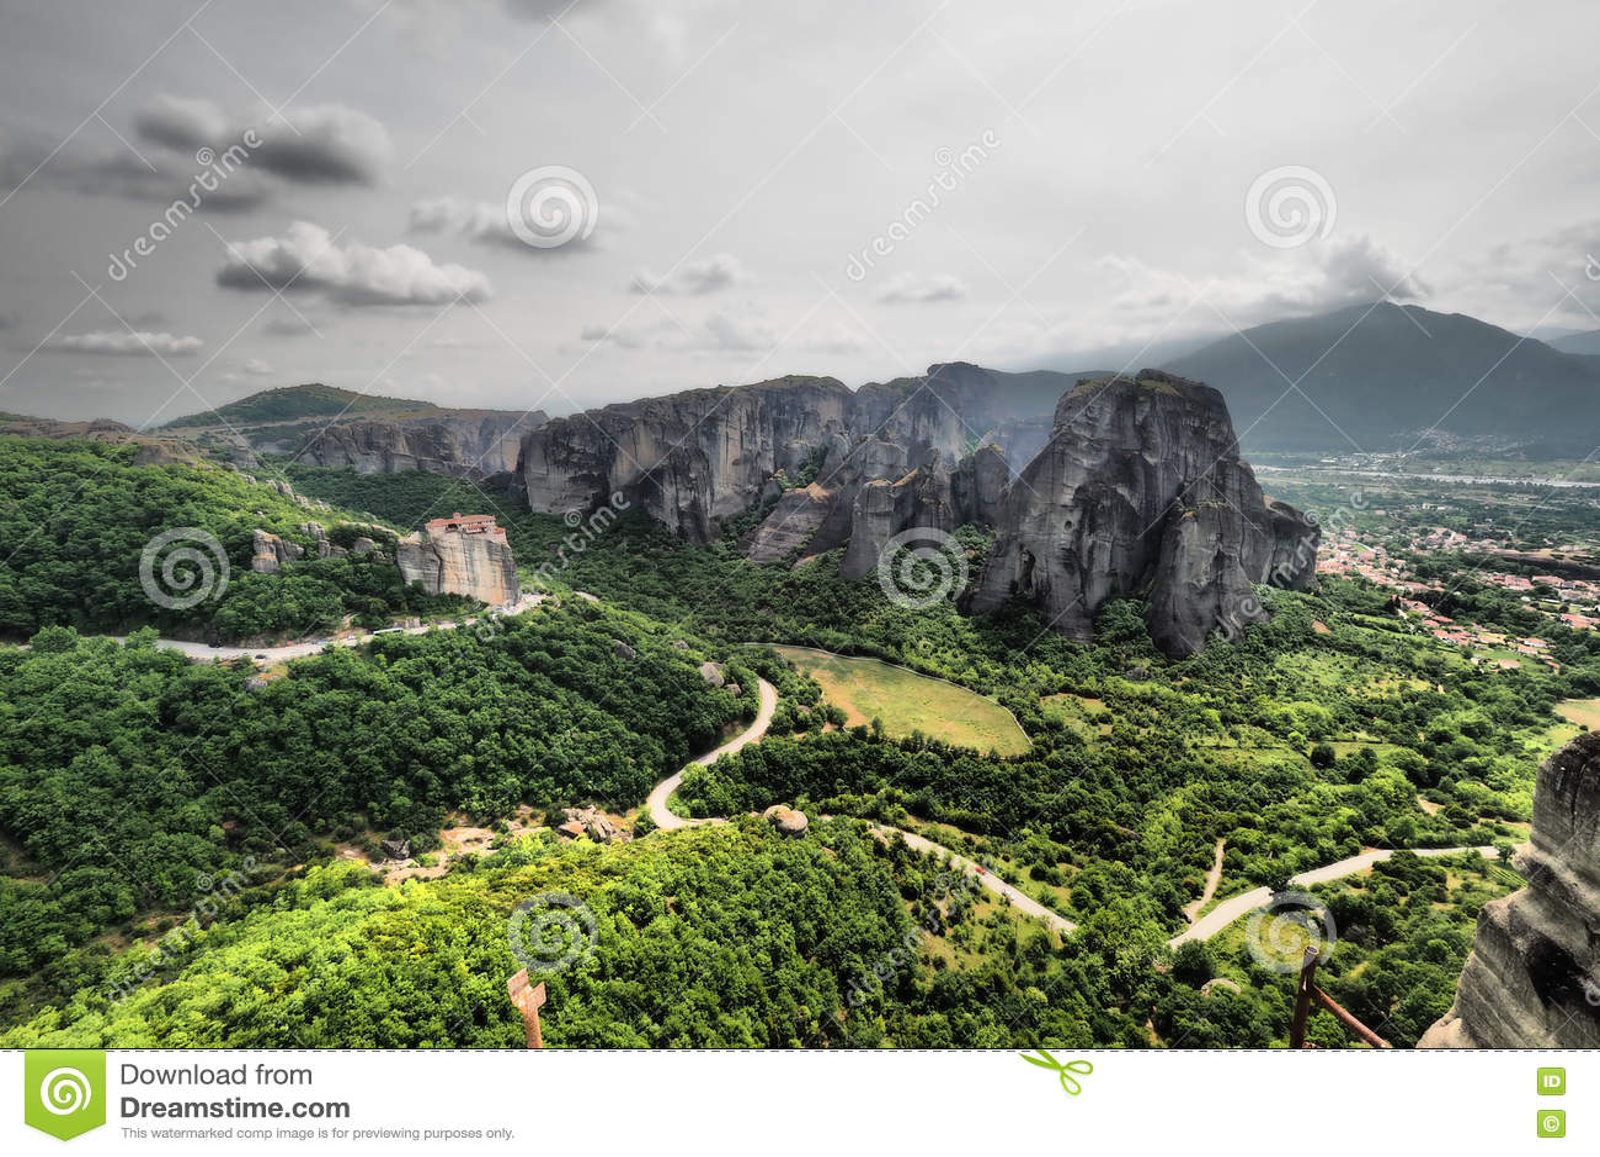 De artistieke panoramische zwart-witte mening van Meteoragriekenland van